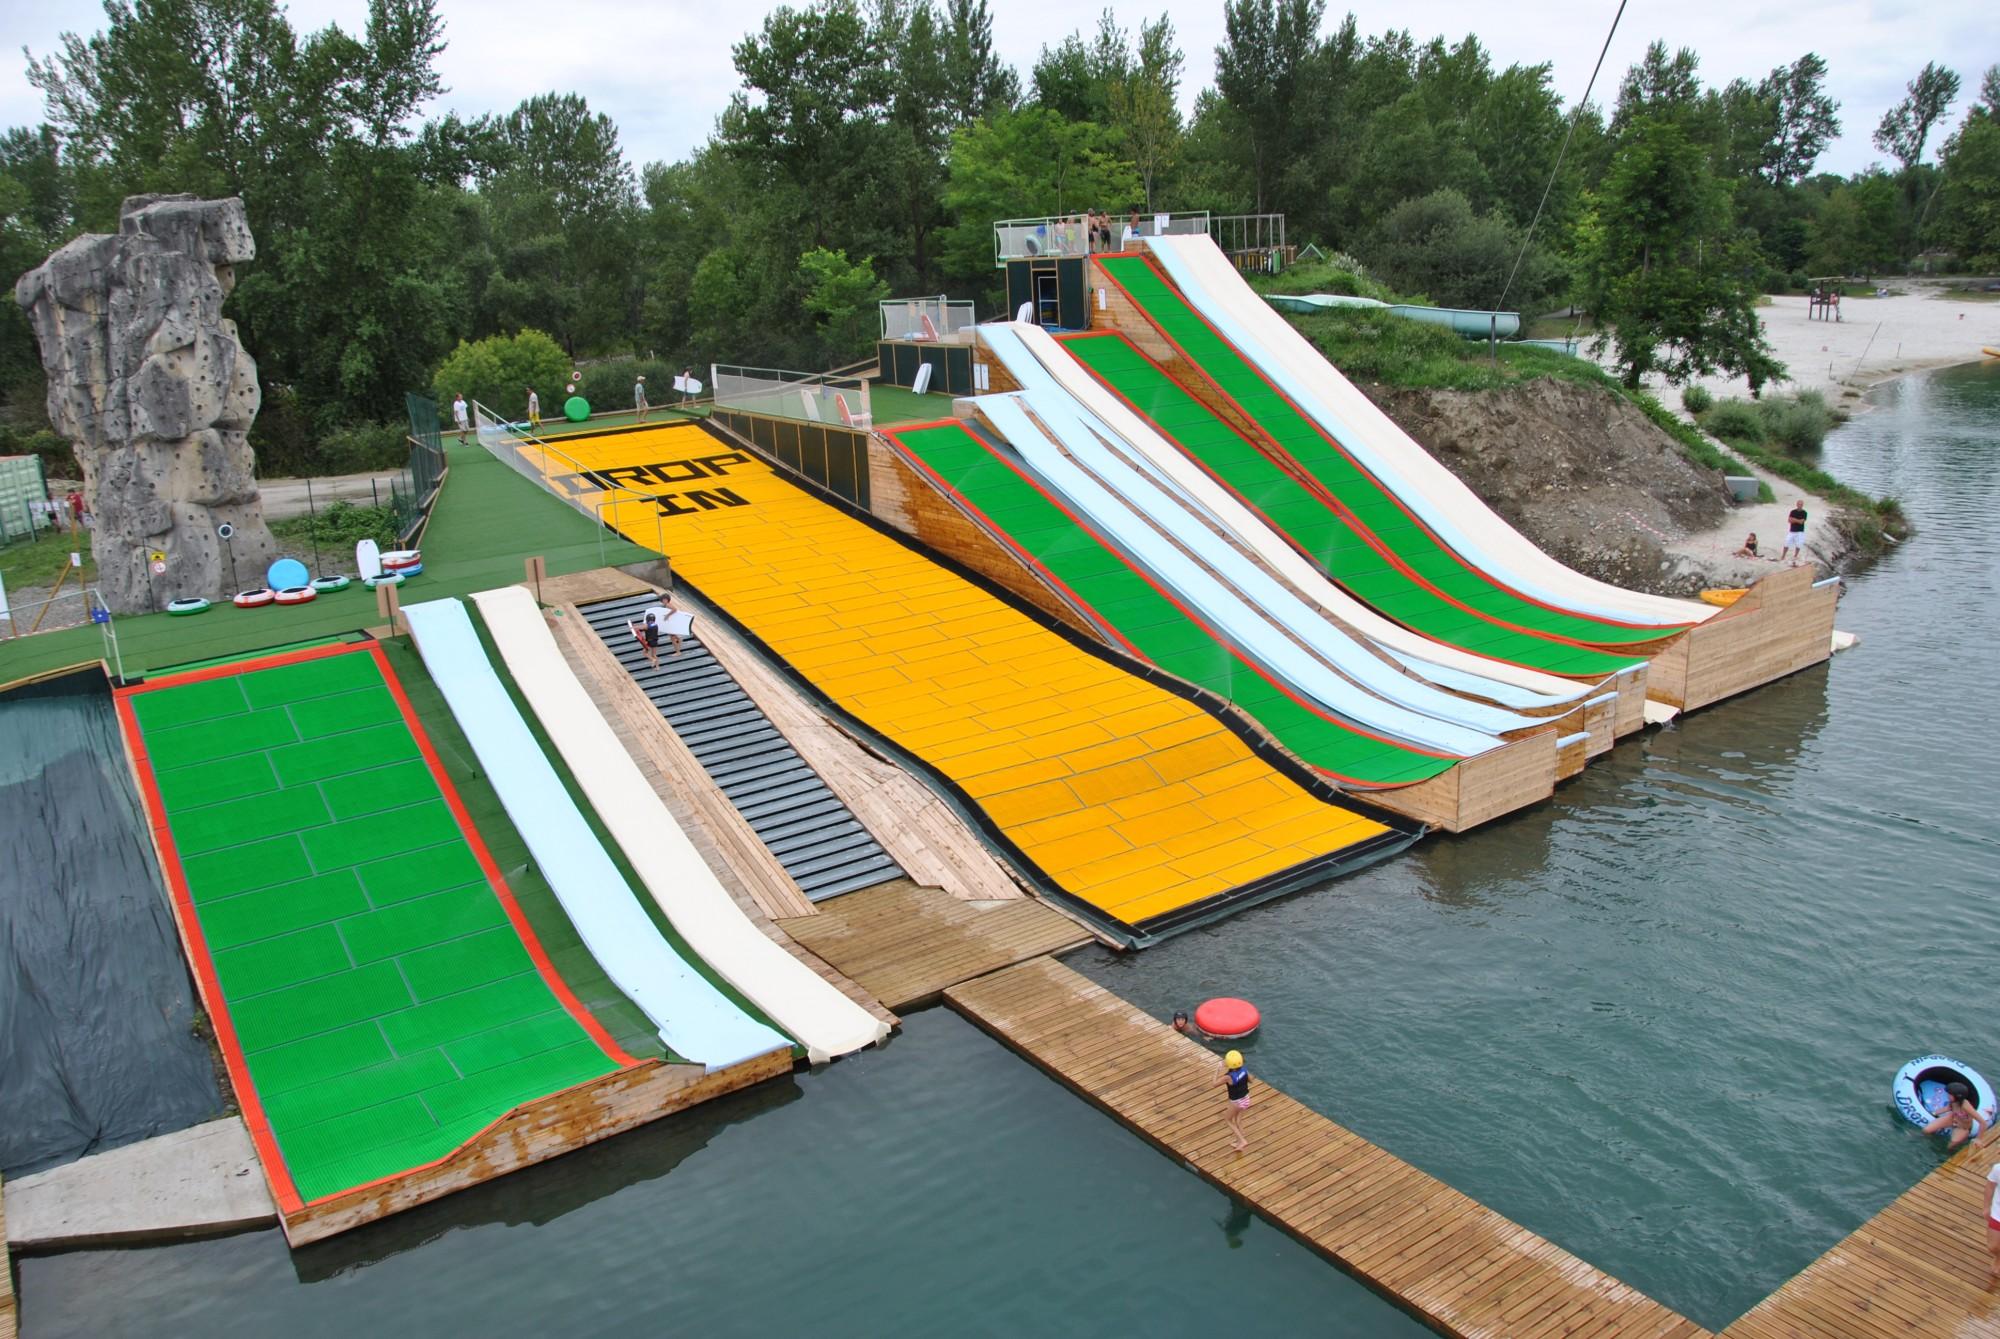 parc aquatique 64000